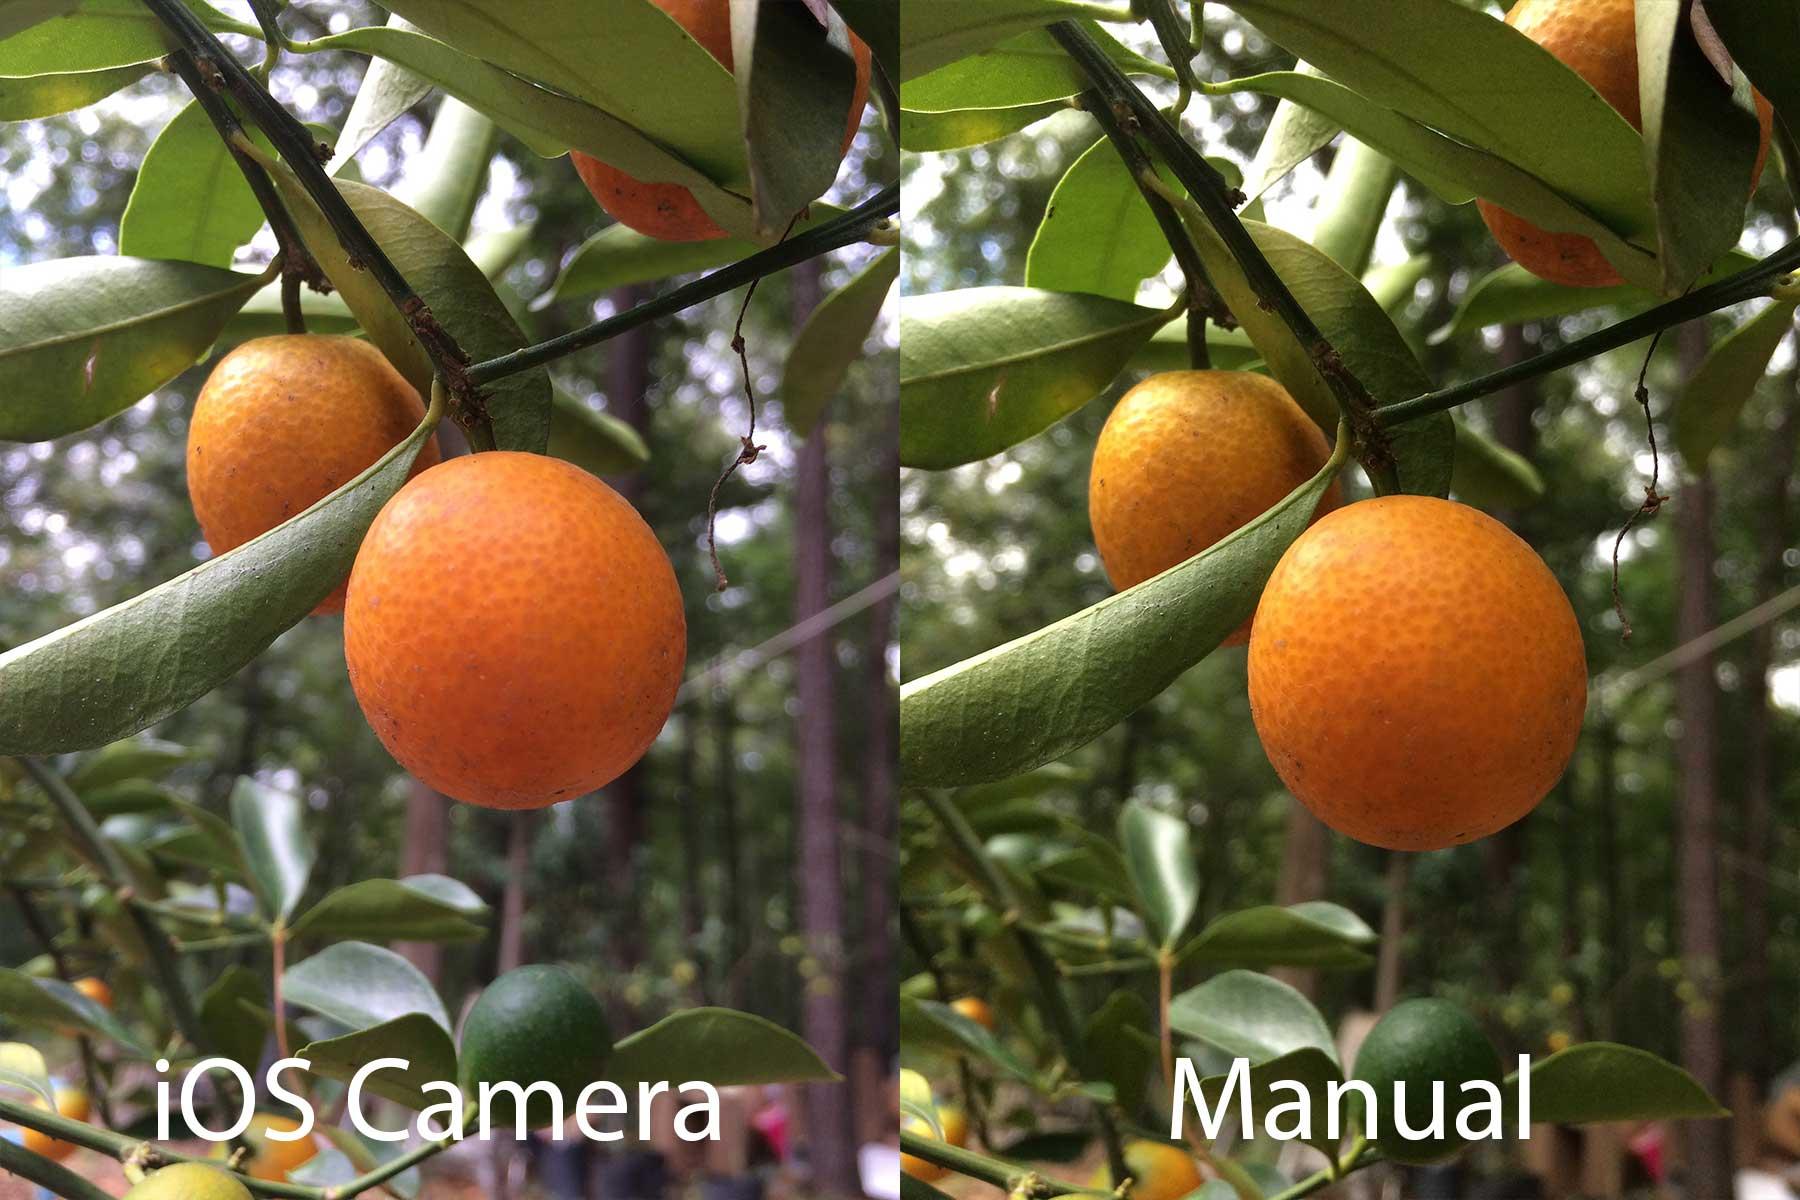 Manual-warmth-fruit